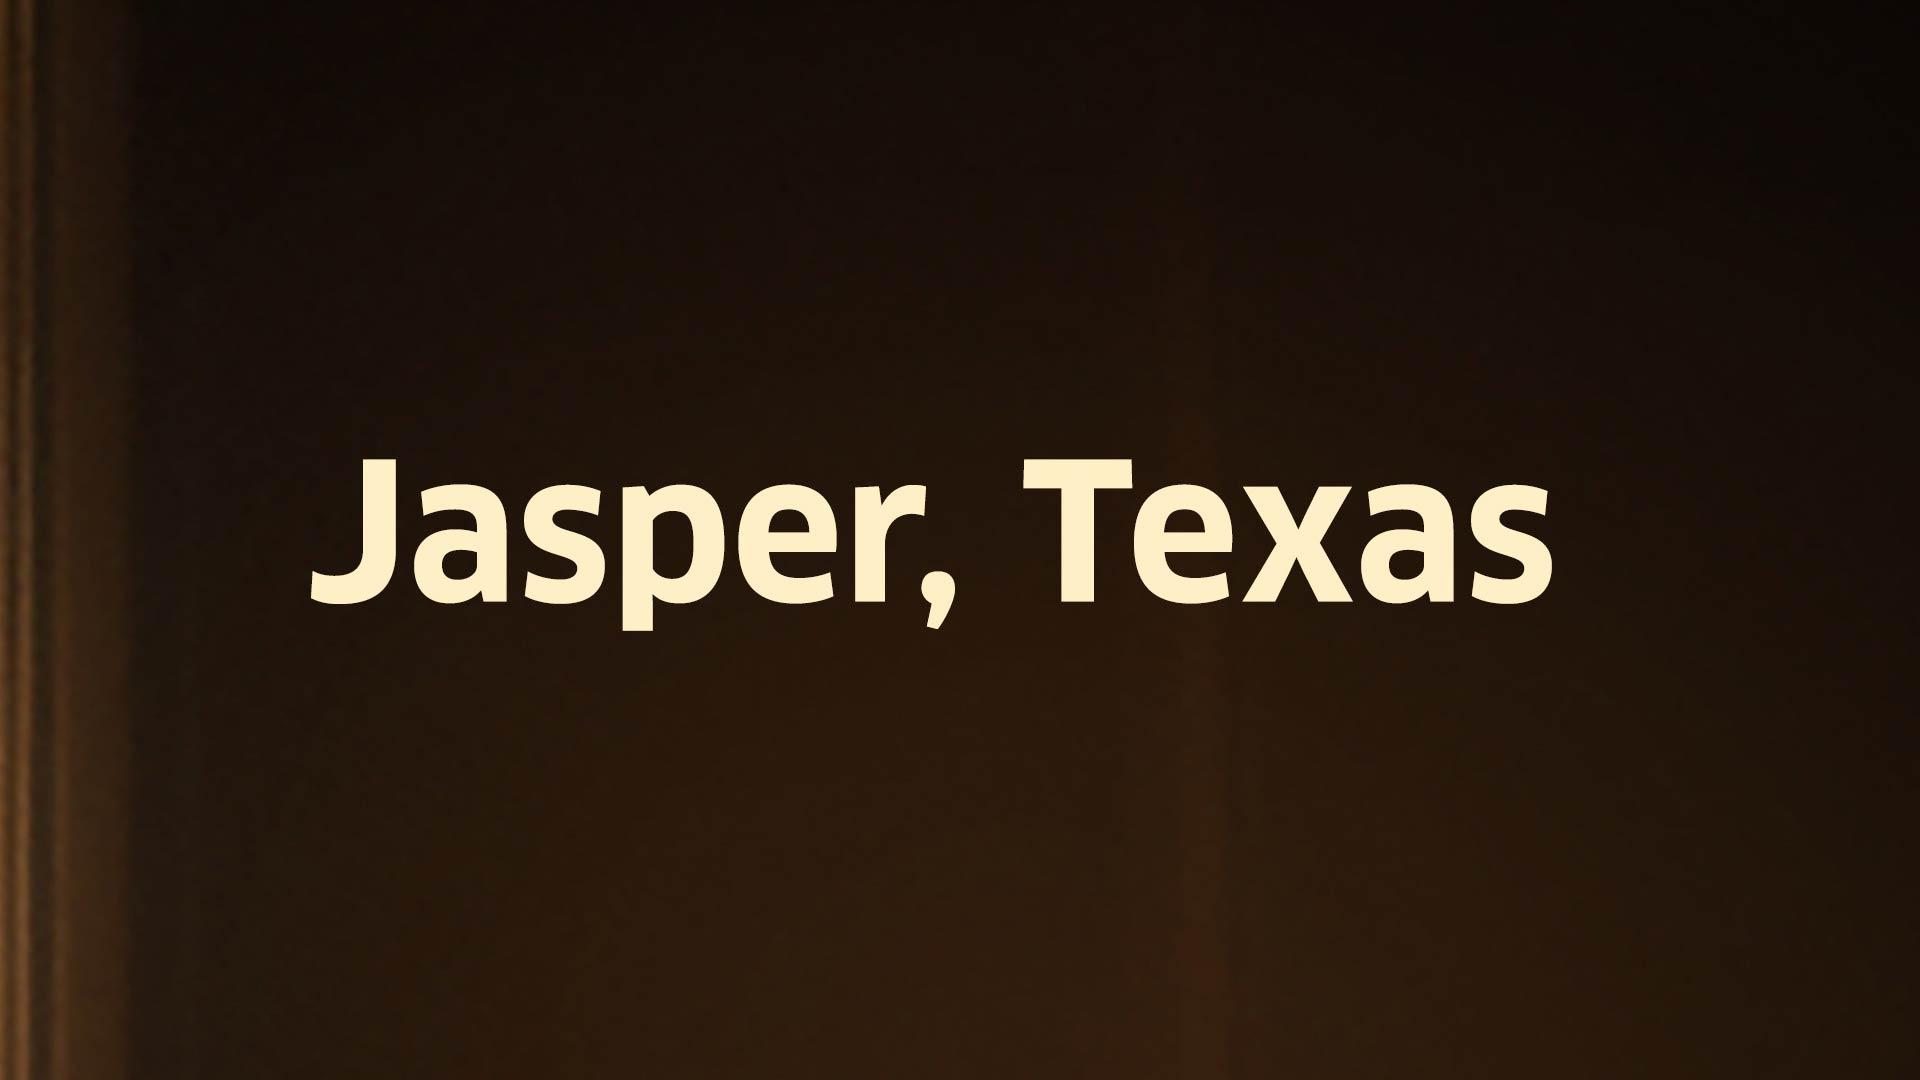 Jasper, Texas